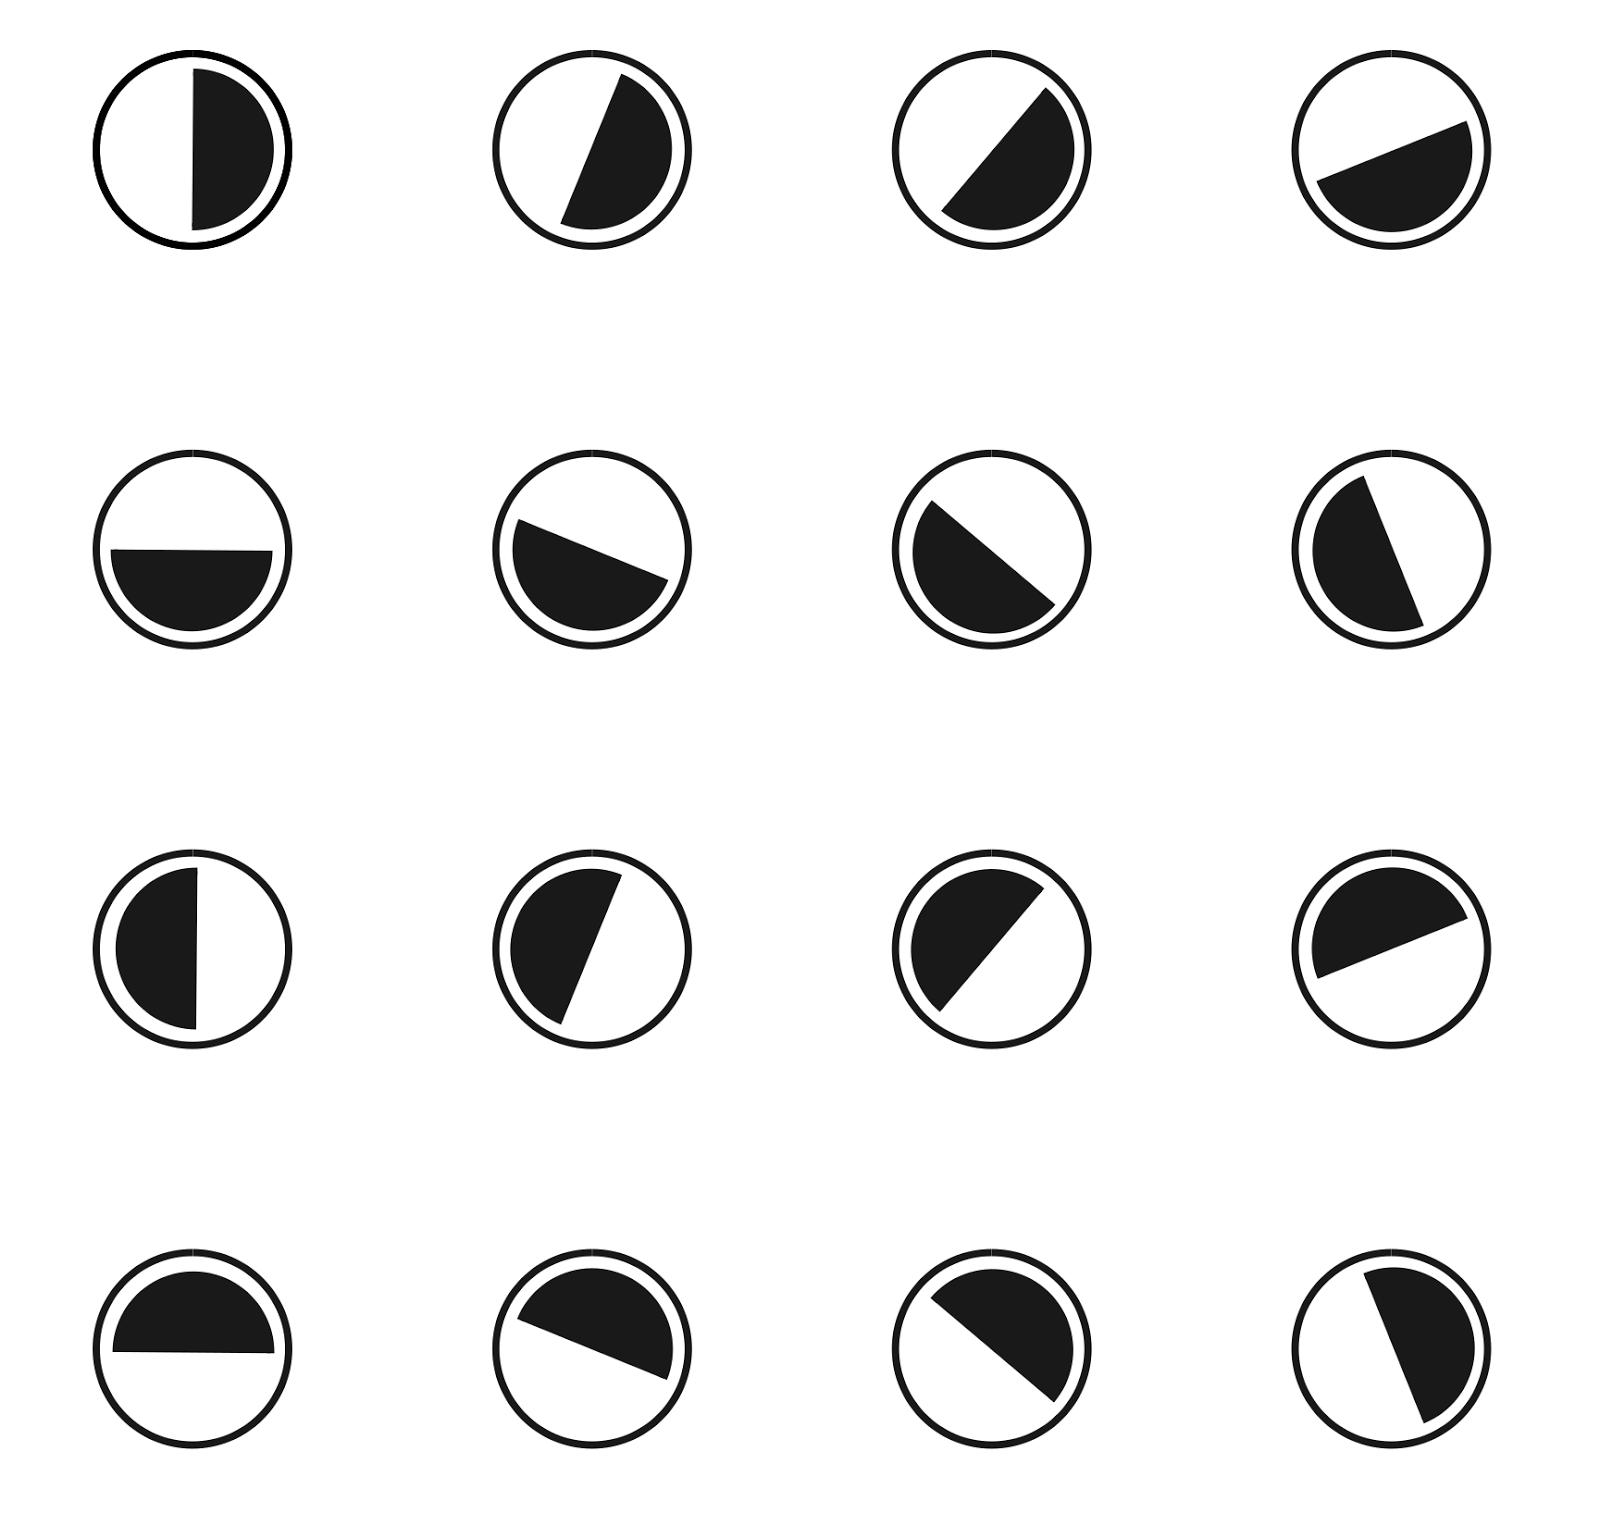 Логика сознания. Часть 11. Естественное кодирование зрительной и звуковой информации - 11